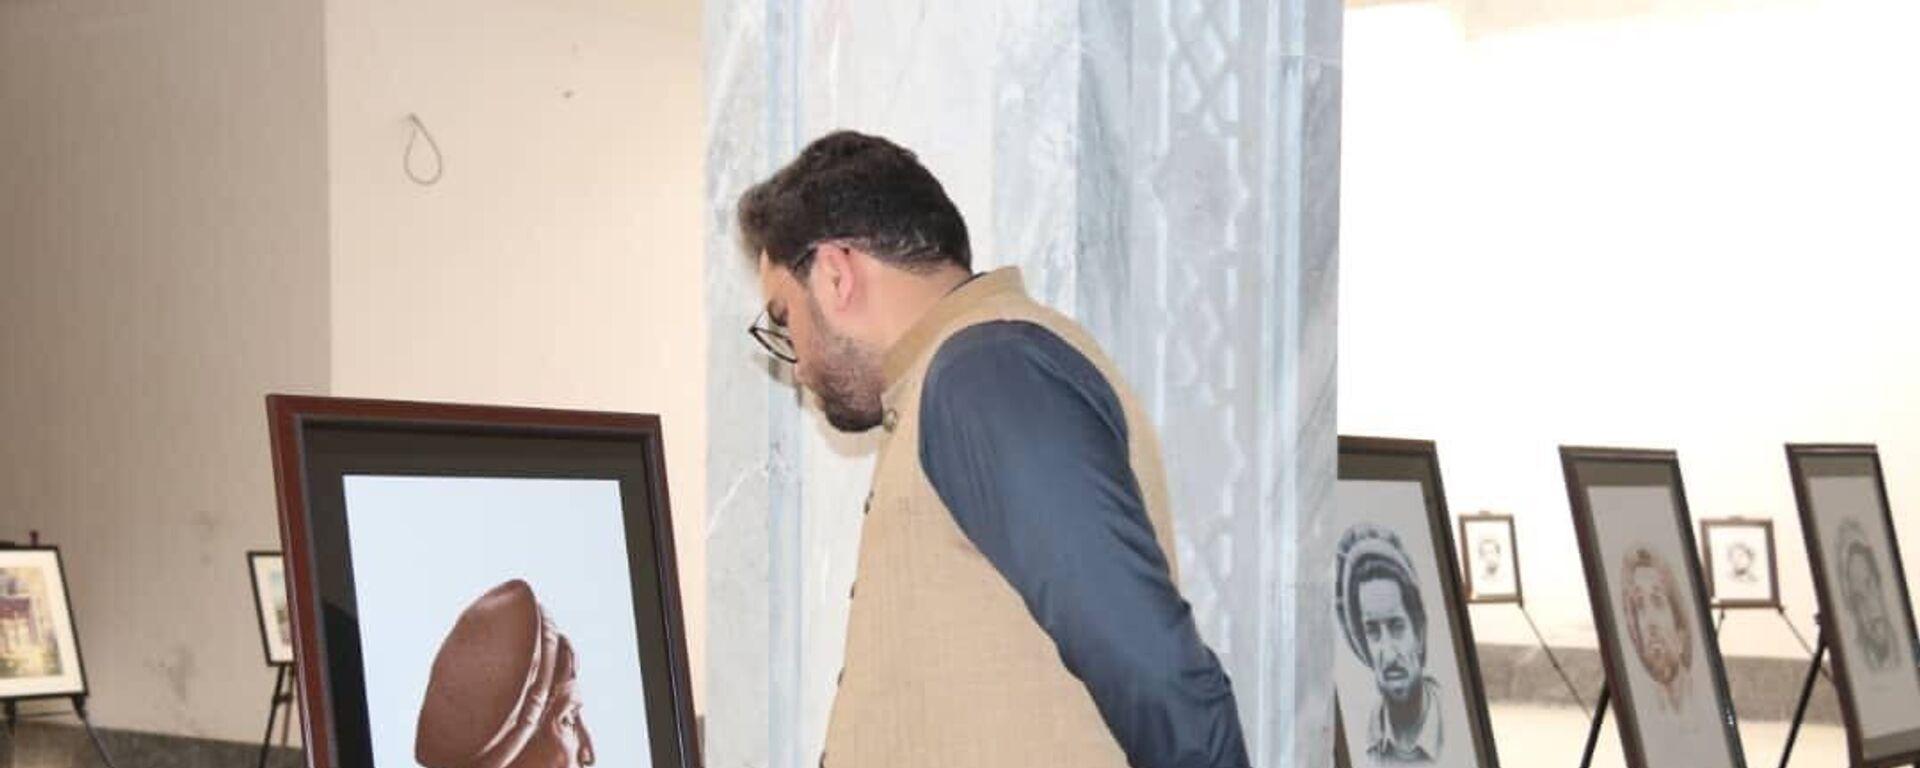 Выставка в честь Ахмад Шаха Масуда в Панджшире - Sputnik Таджикистан, 1920, 19.09.2020